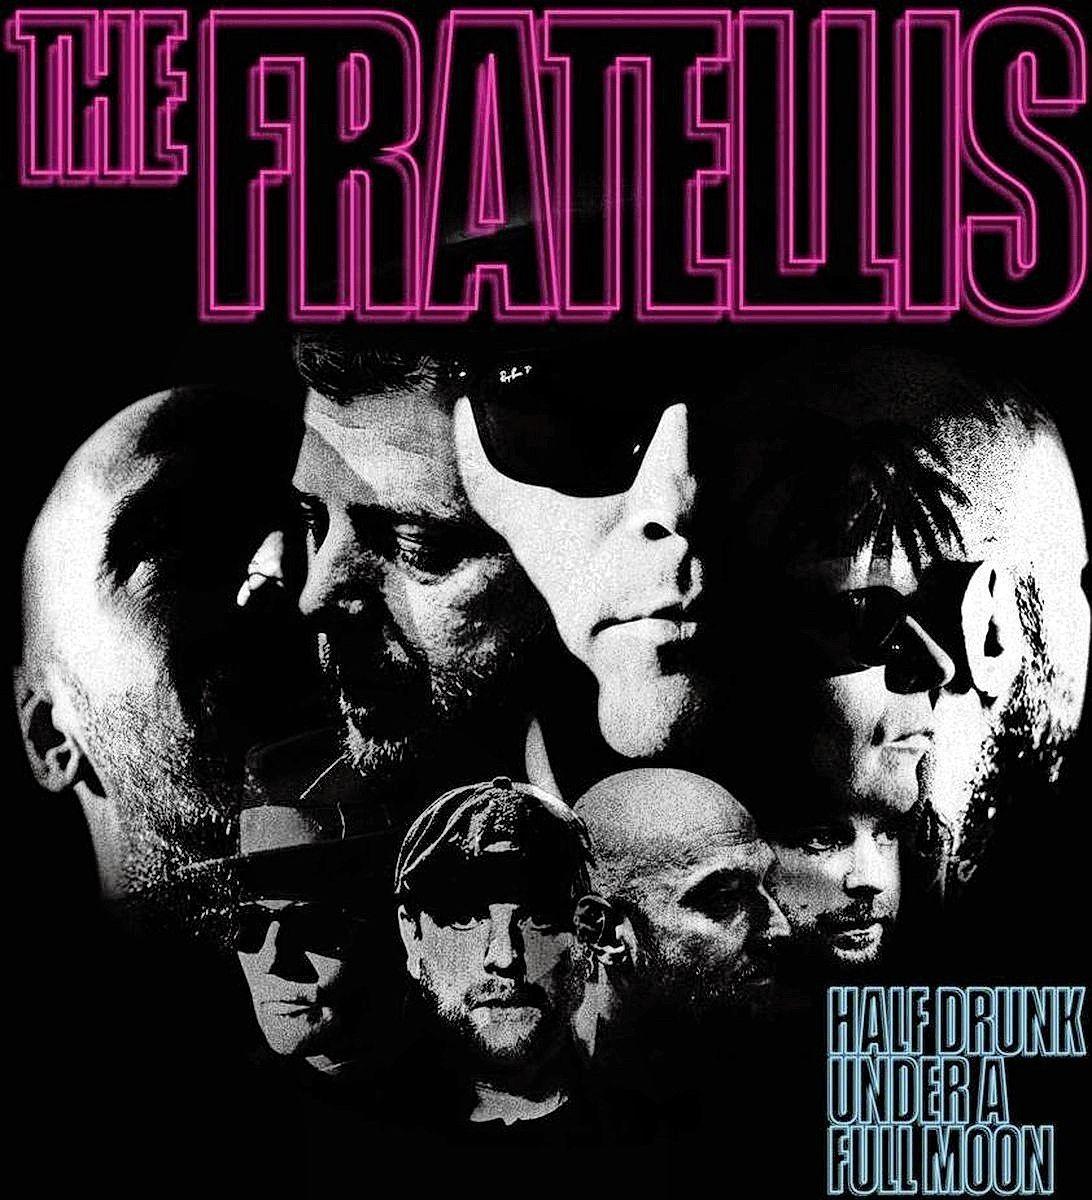 The Fratellis komen met spectaculaire nieuwe jubelsound. Niet meer die band van 'Tududu tududu tudududududum'